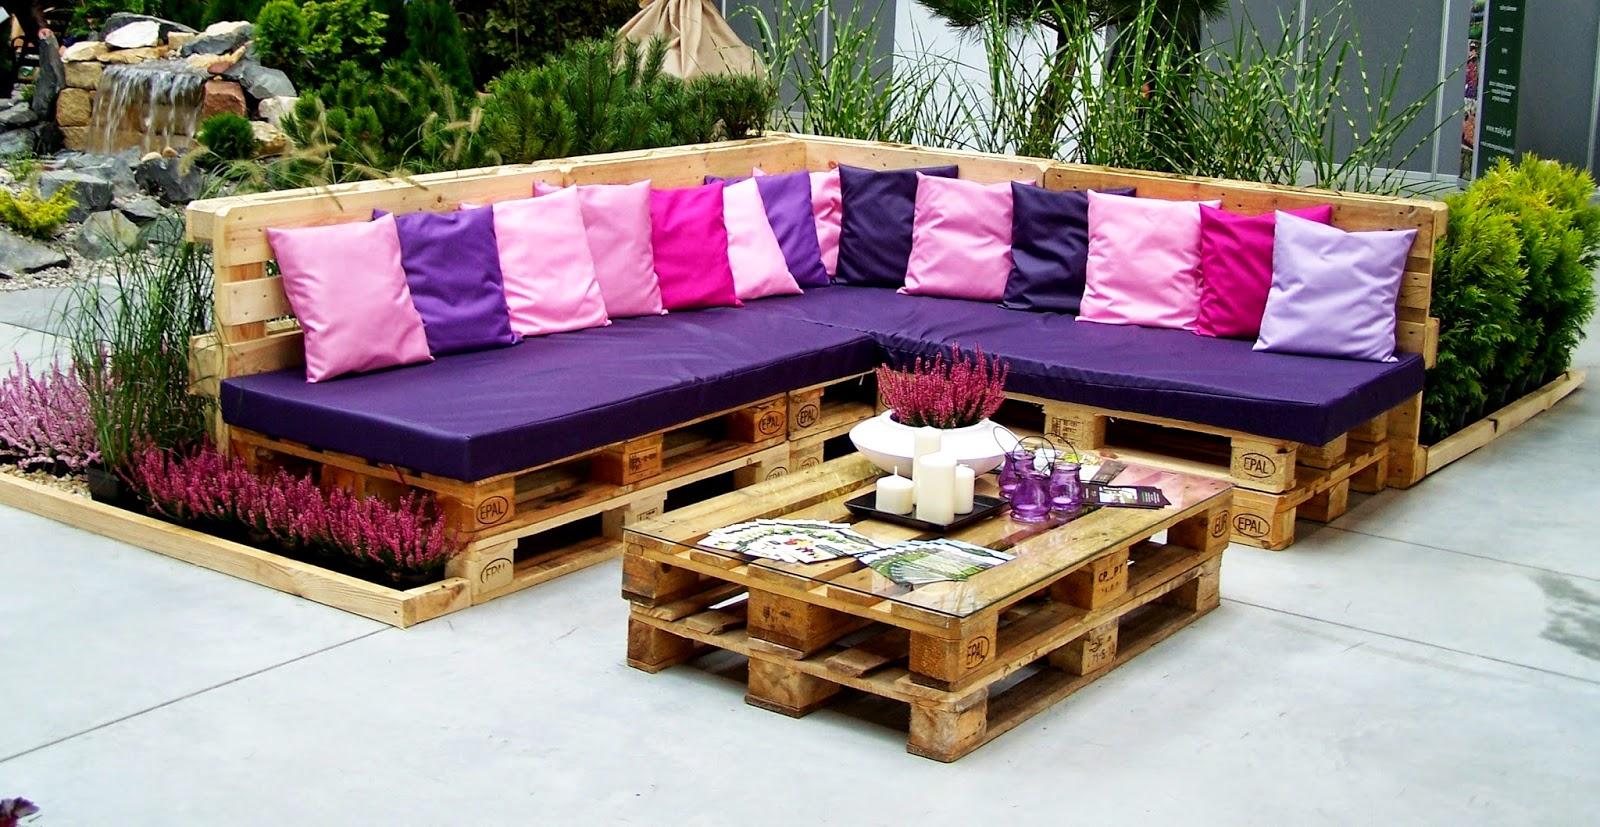 scandiart studio meble z palet euro. Black Bedroom Furniture Sets. Home Design Ideas